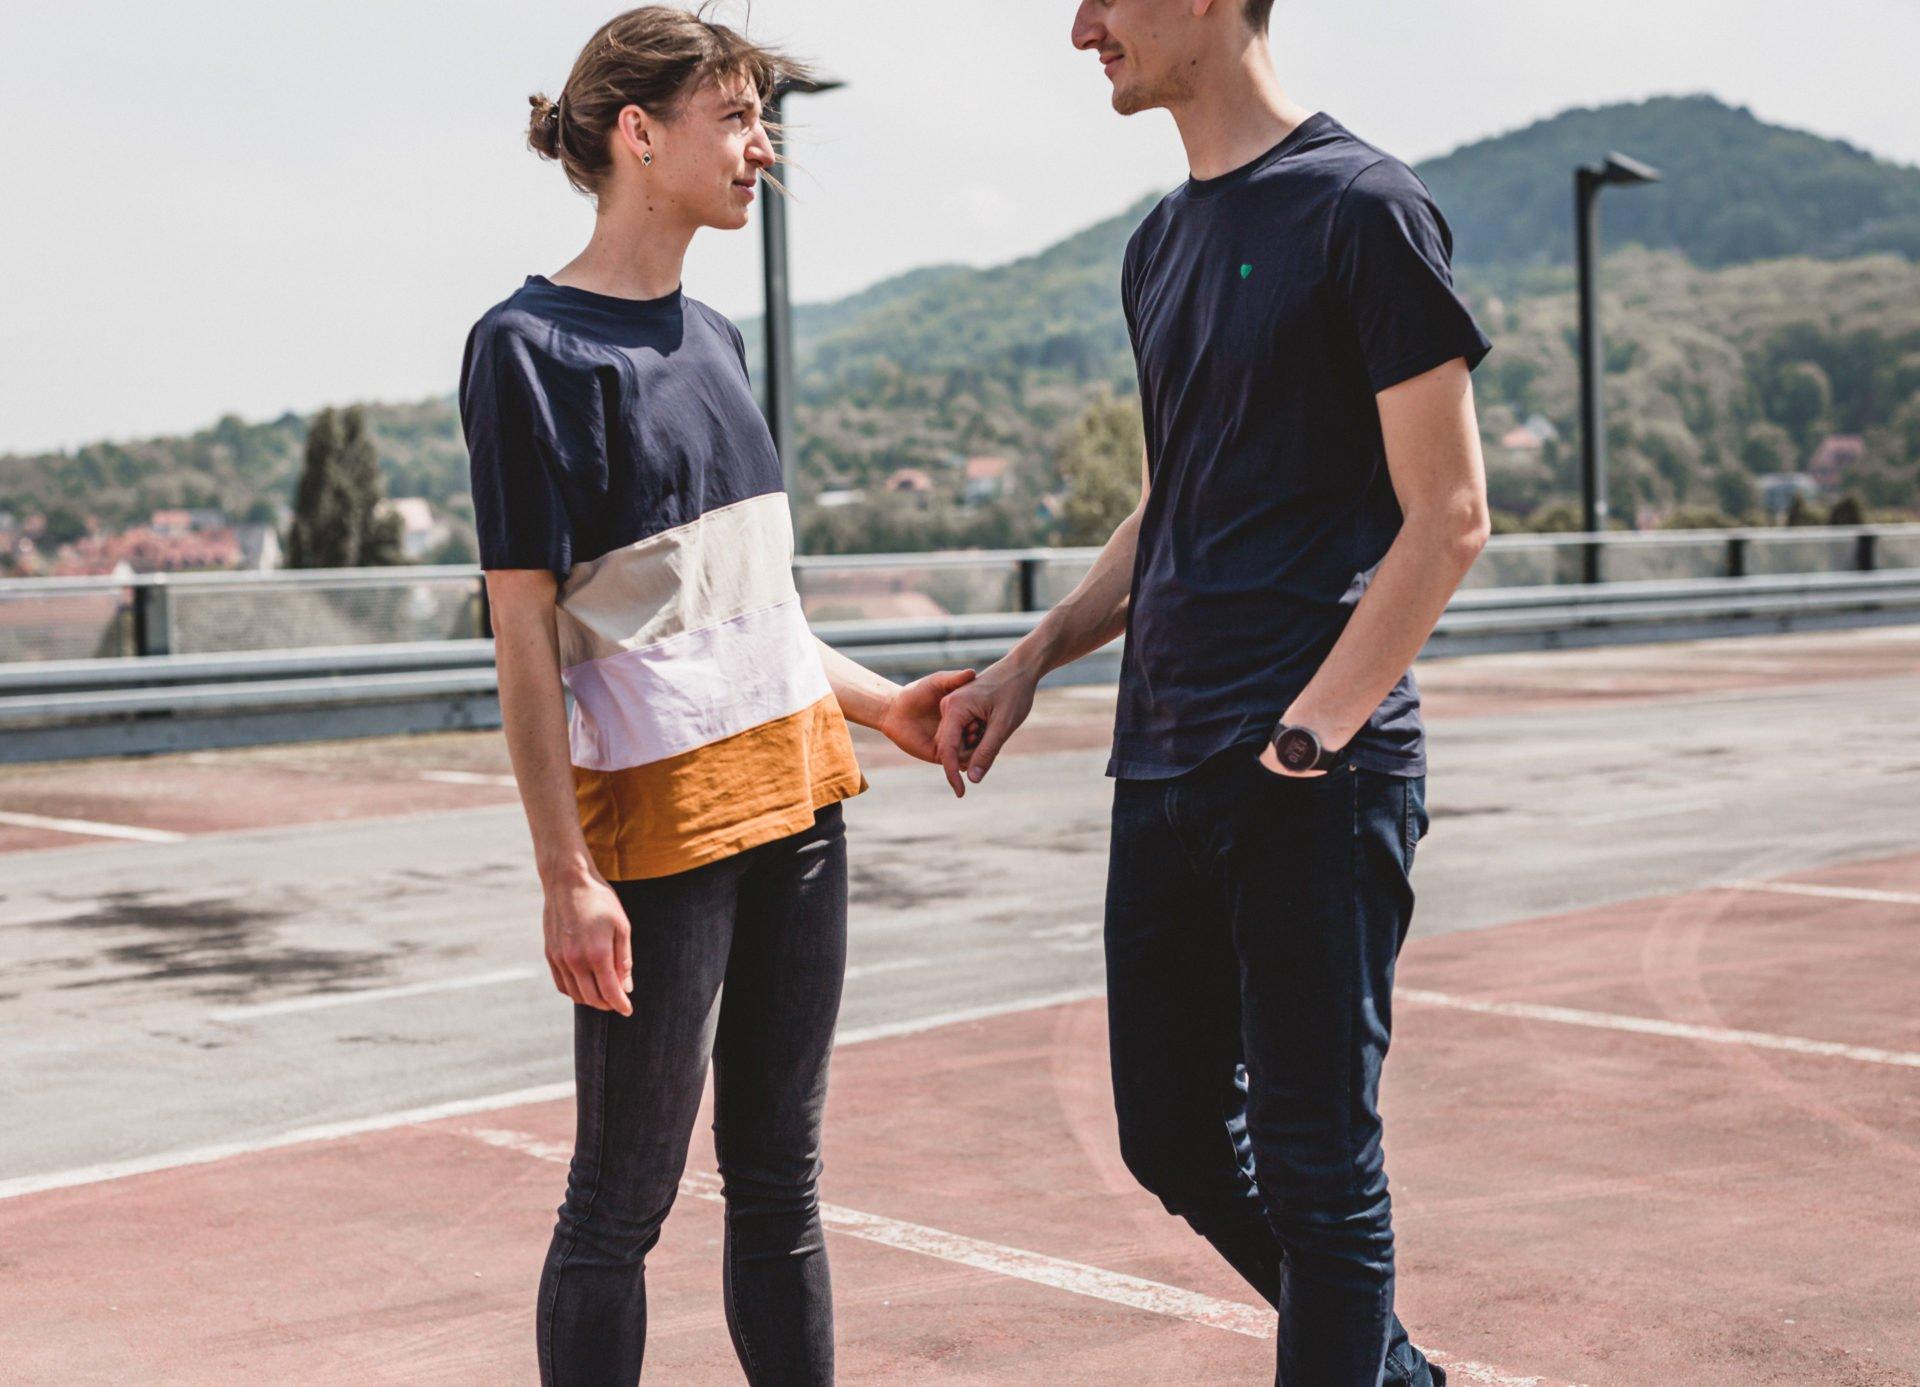 Liebesgeschichte | Liebesgeschichte auf der Jenaer Schillerpassage | 12